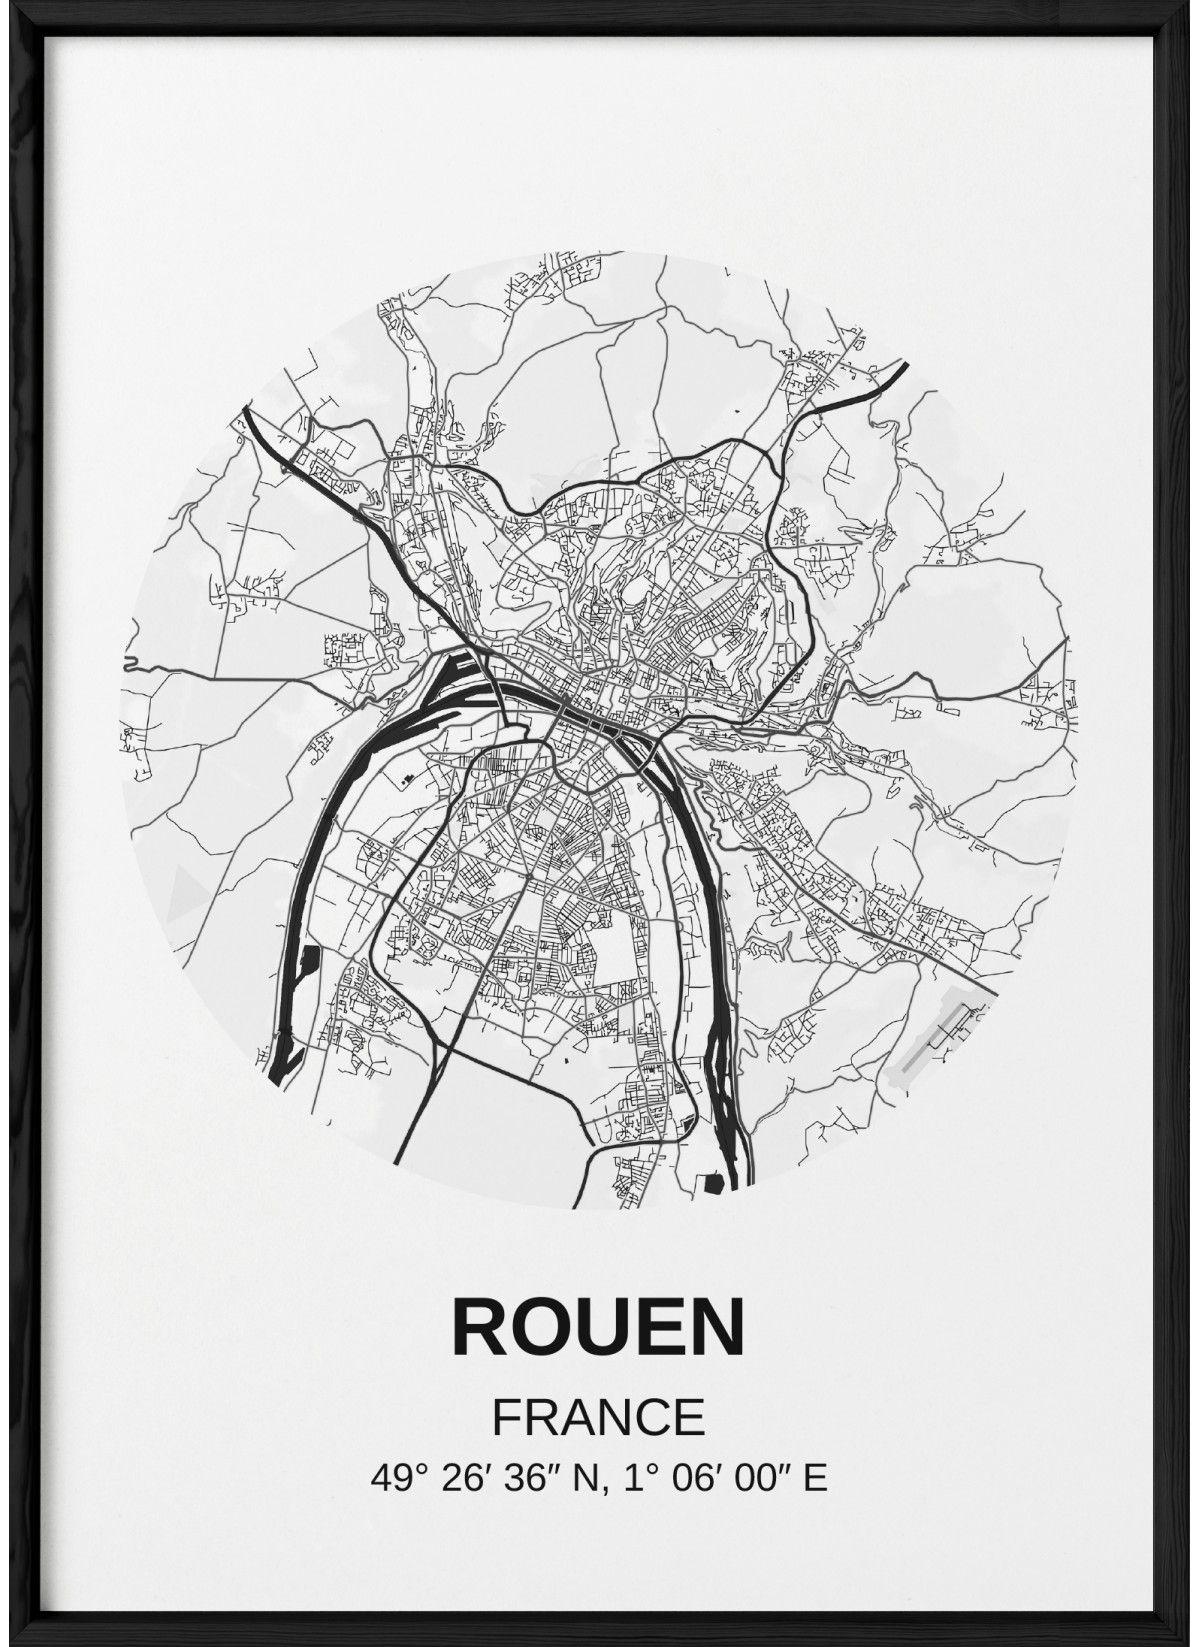 carte rouen affiche ville a afficher